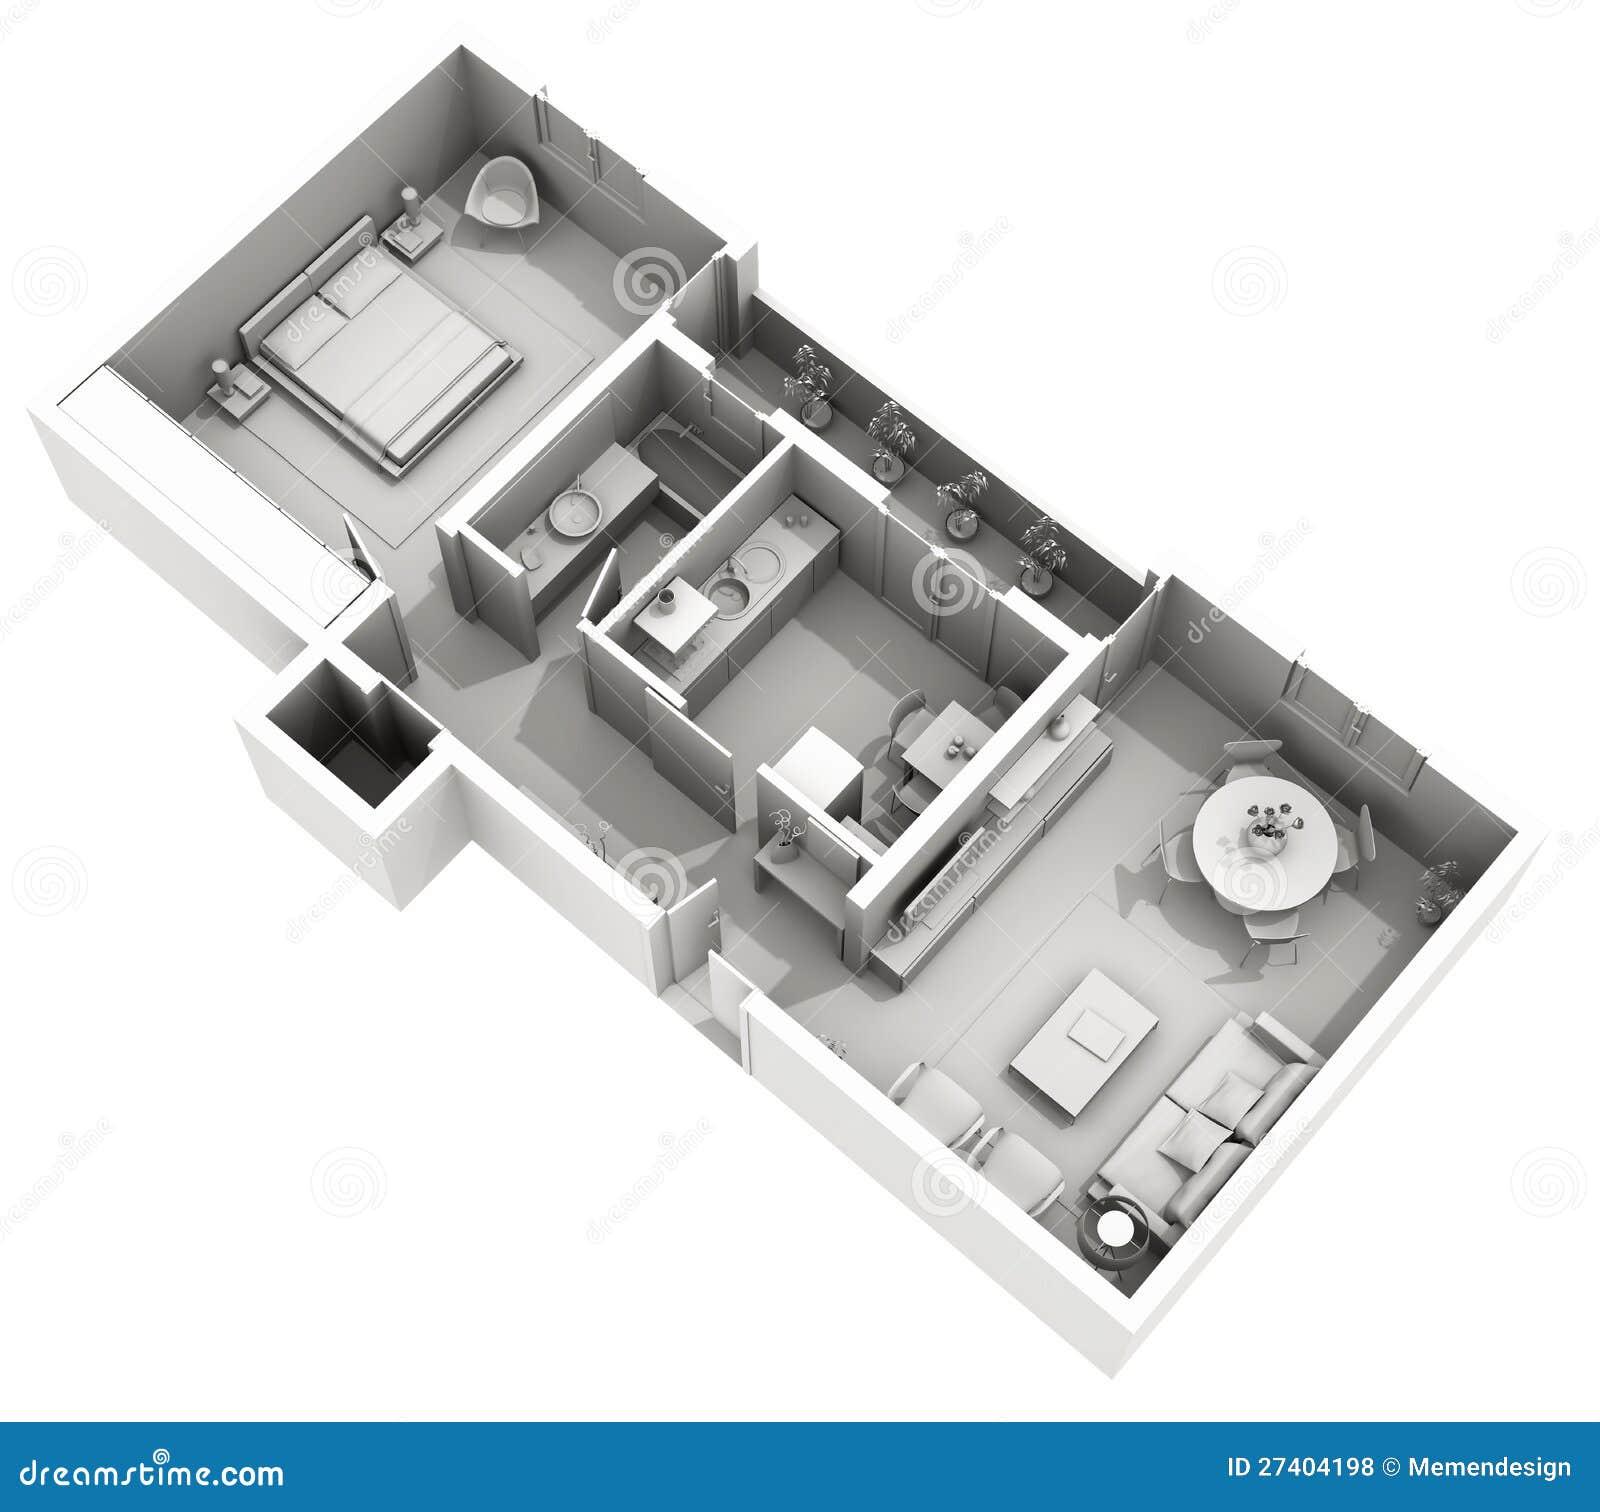 Innenarchitektur - Haus Des Lehms 3d - Gemütliche Wohnung Stock ...